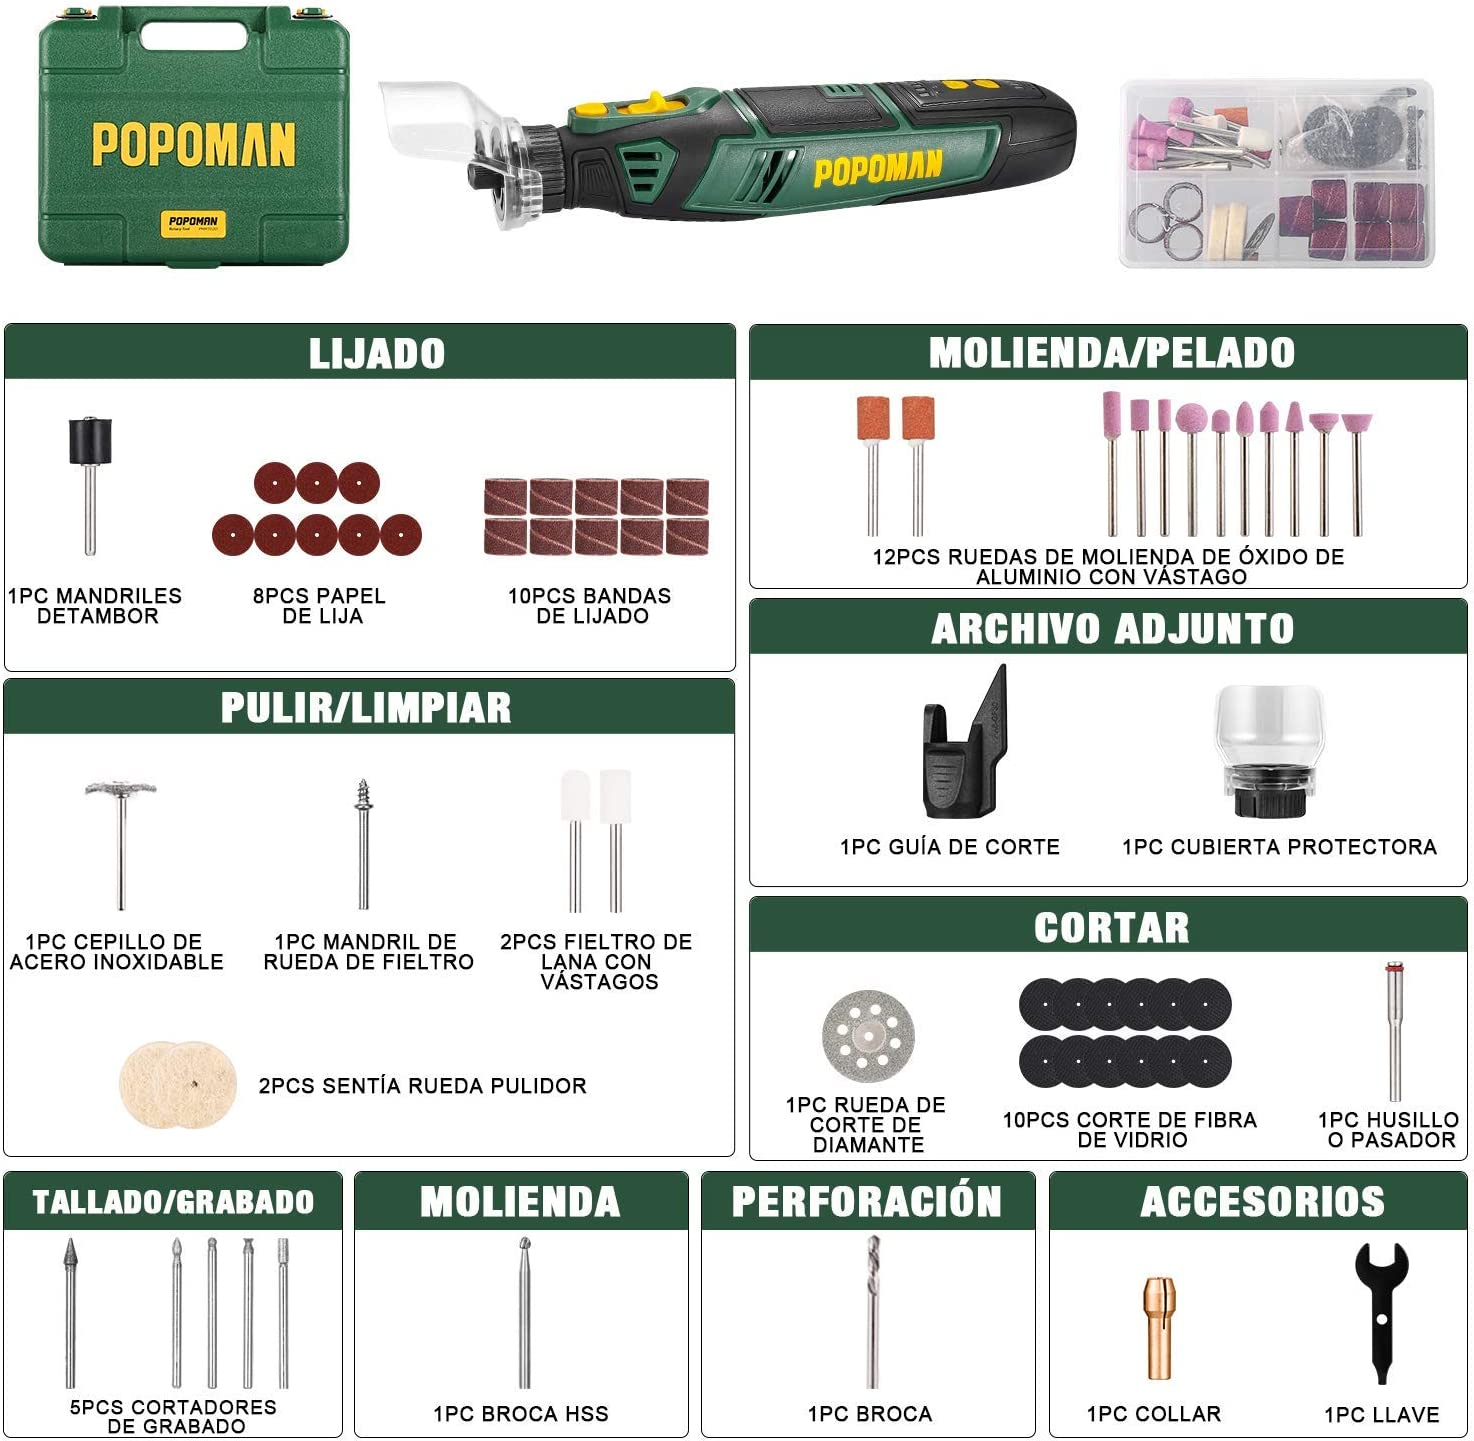 caja de herramientas para los DIY Trabajos de Pulir POPOMAN 8V Amoladora Electr/ónica DC Type C Linea de datos Herramienta Rotativa USB Recargable con 58 pcs Accesorios Mini Amoladora